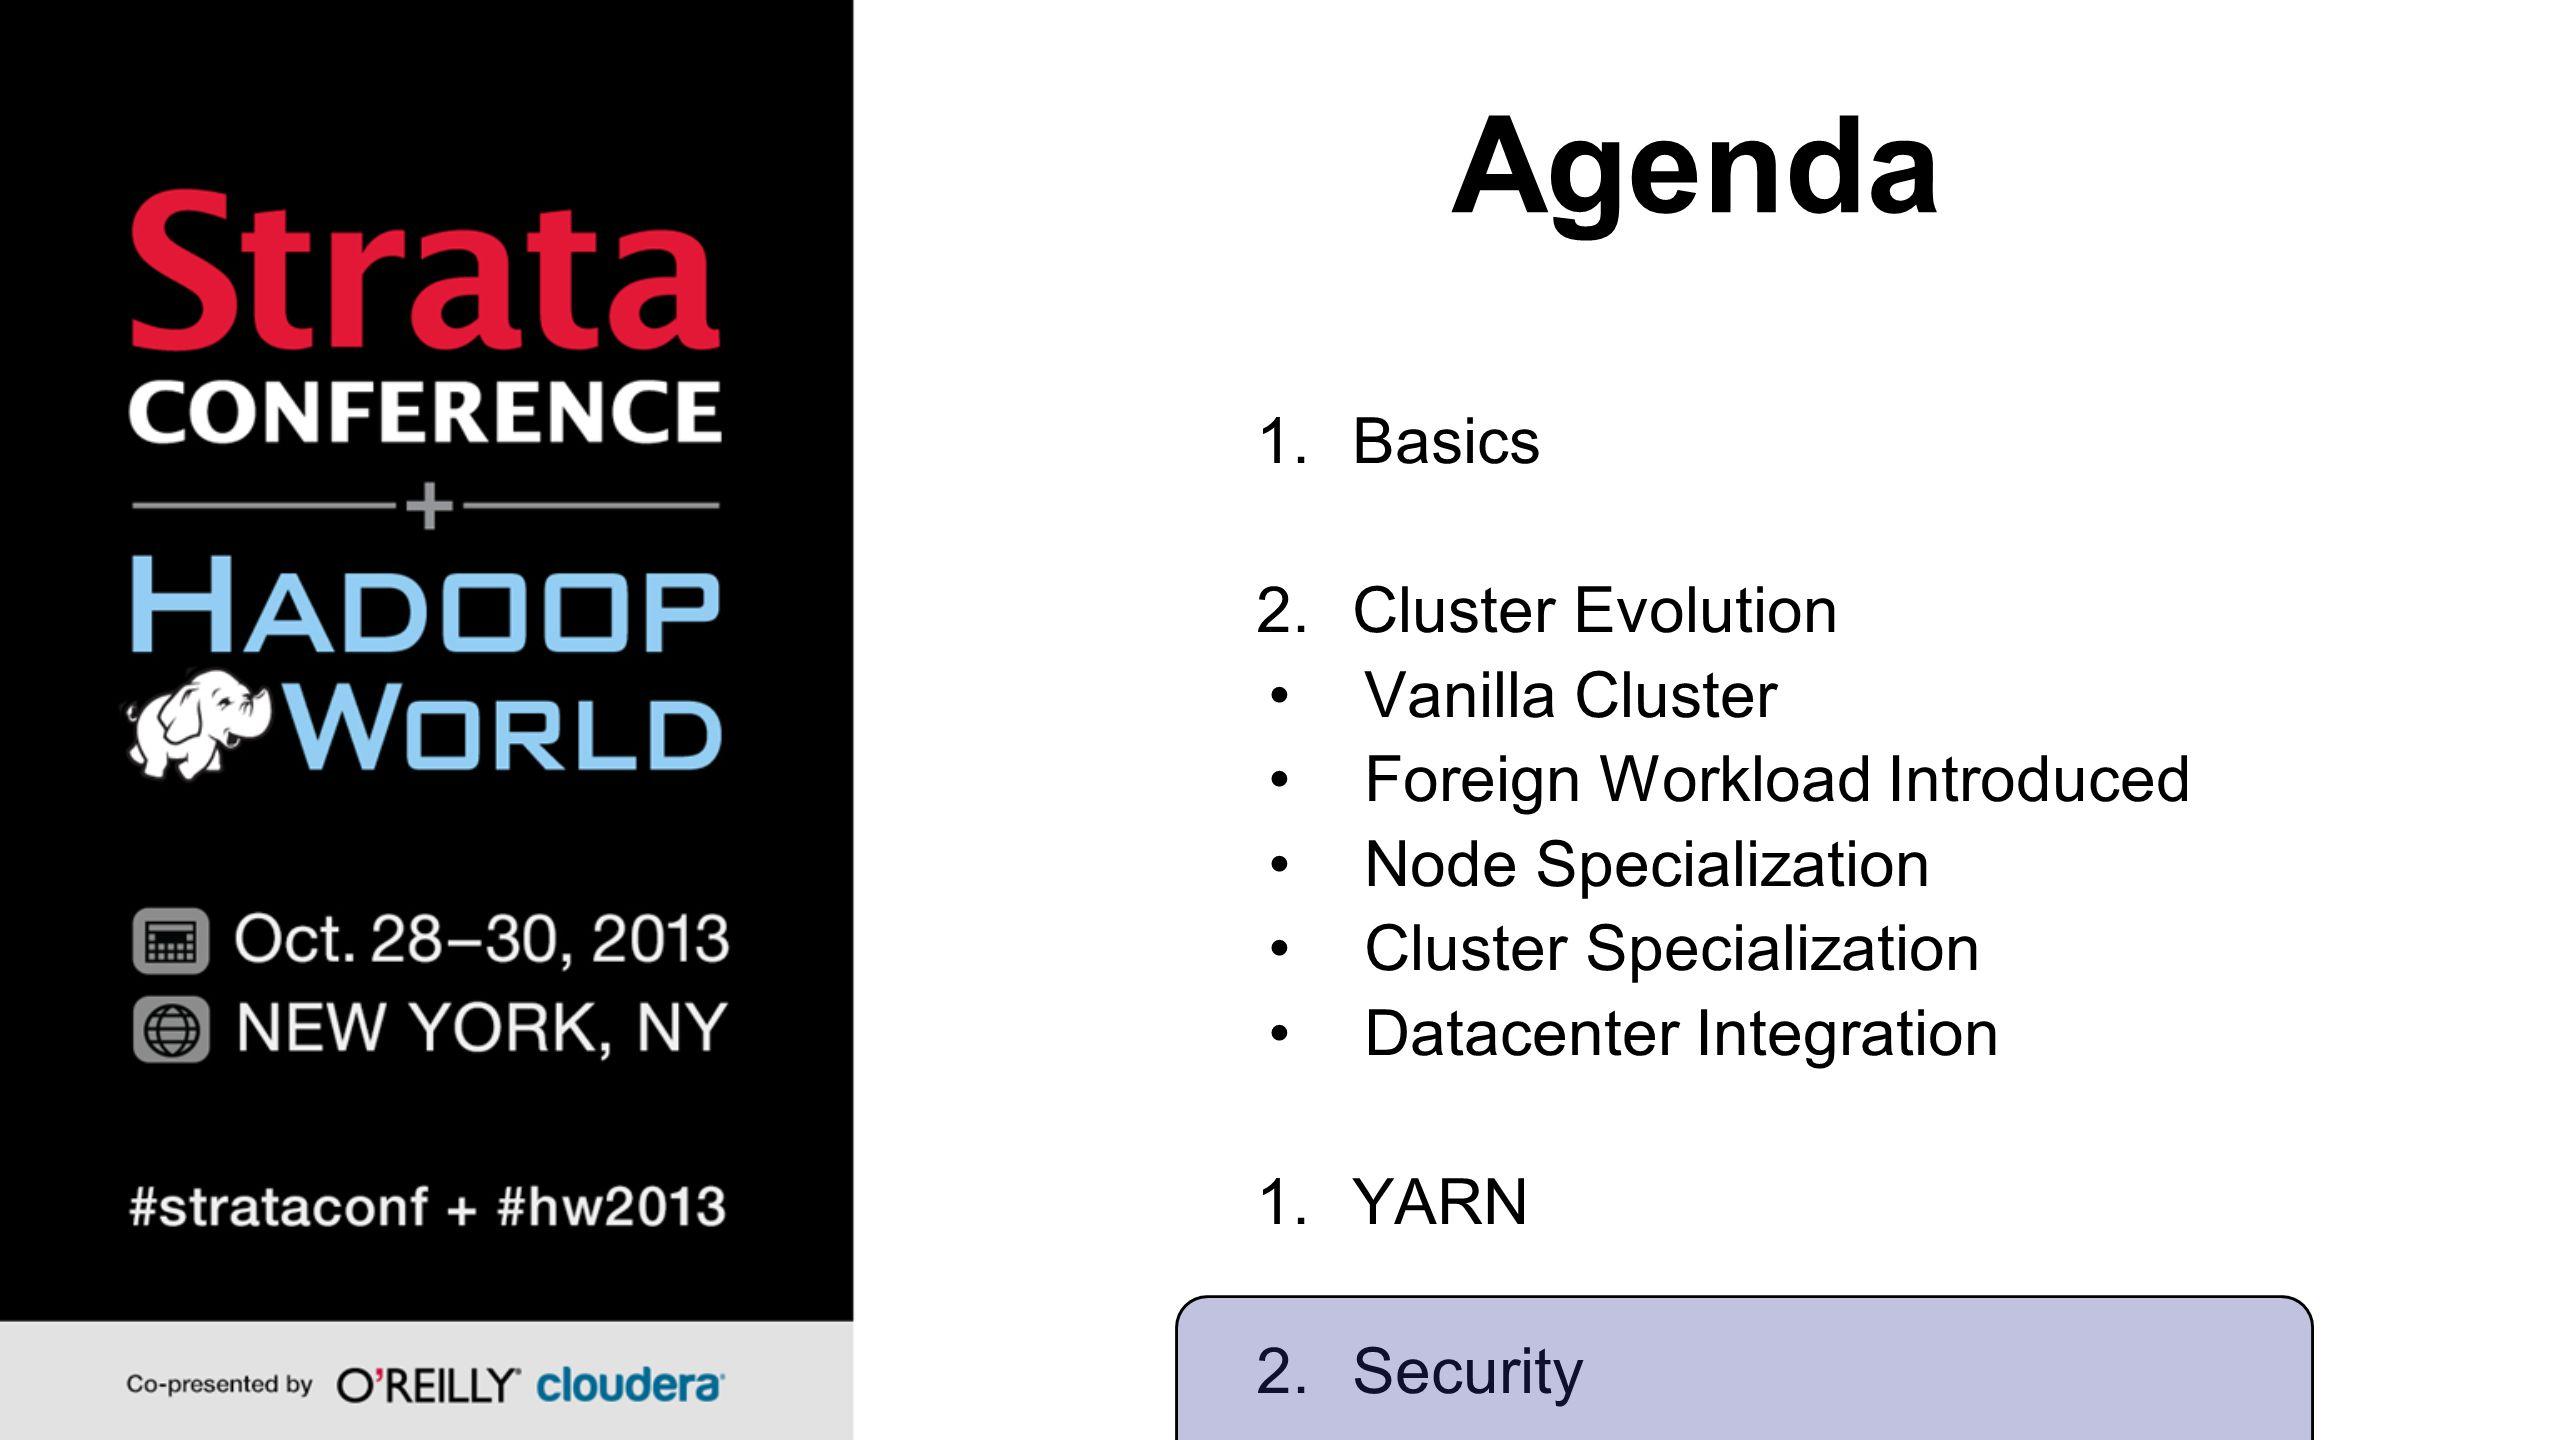 Agenda 1.Basics 2.Cluster Evolution Vanilla Cluster Foreign Workload Introduced Node Specialization Cluster Specialization Datacenter Integration 1.YARN 2.Security